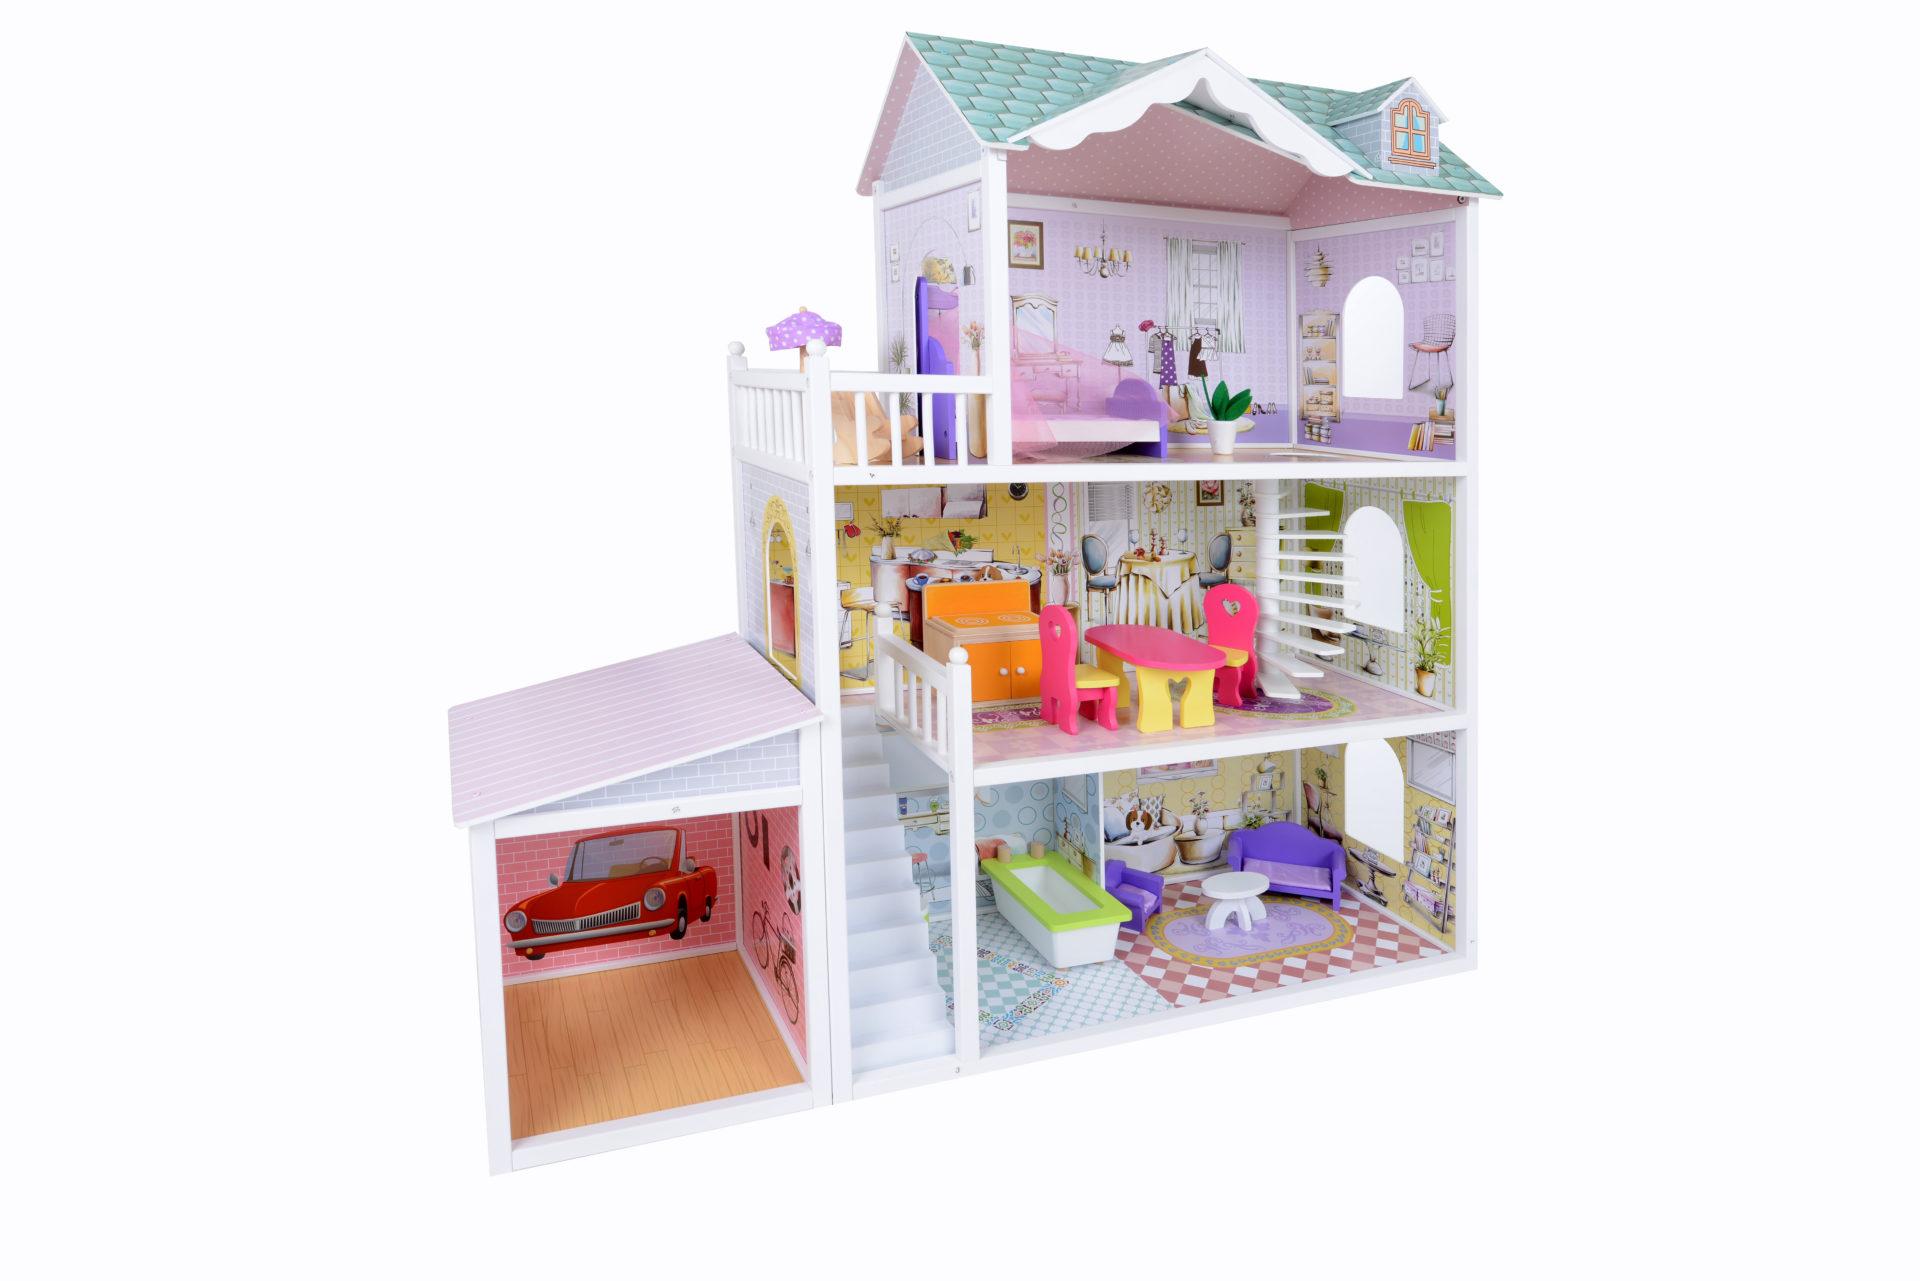 Maison De Poupee, Jeux Et Jouets Pour Enfant, Cadeau Pour avec Jouet Pour Fille 4 5 Ans